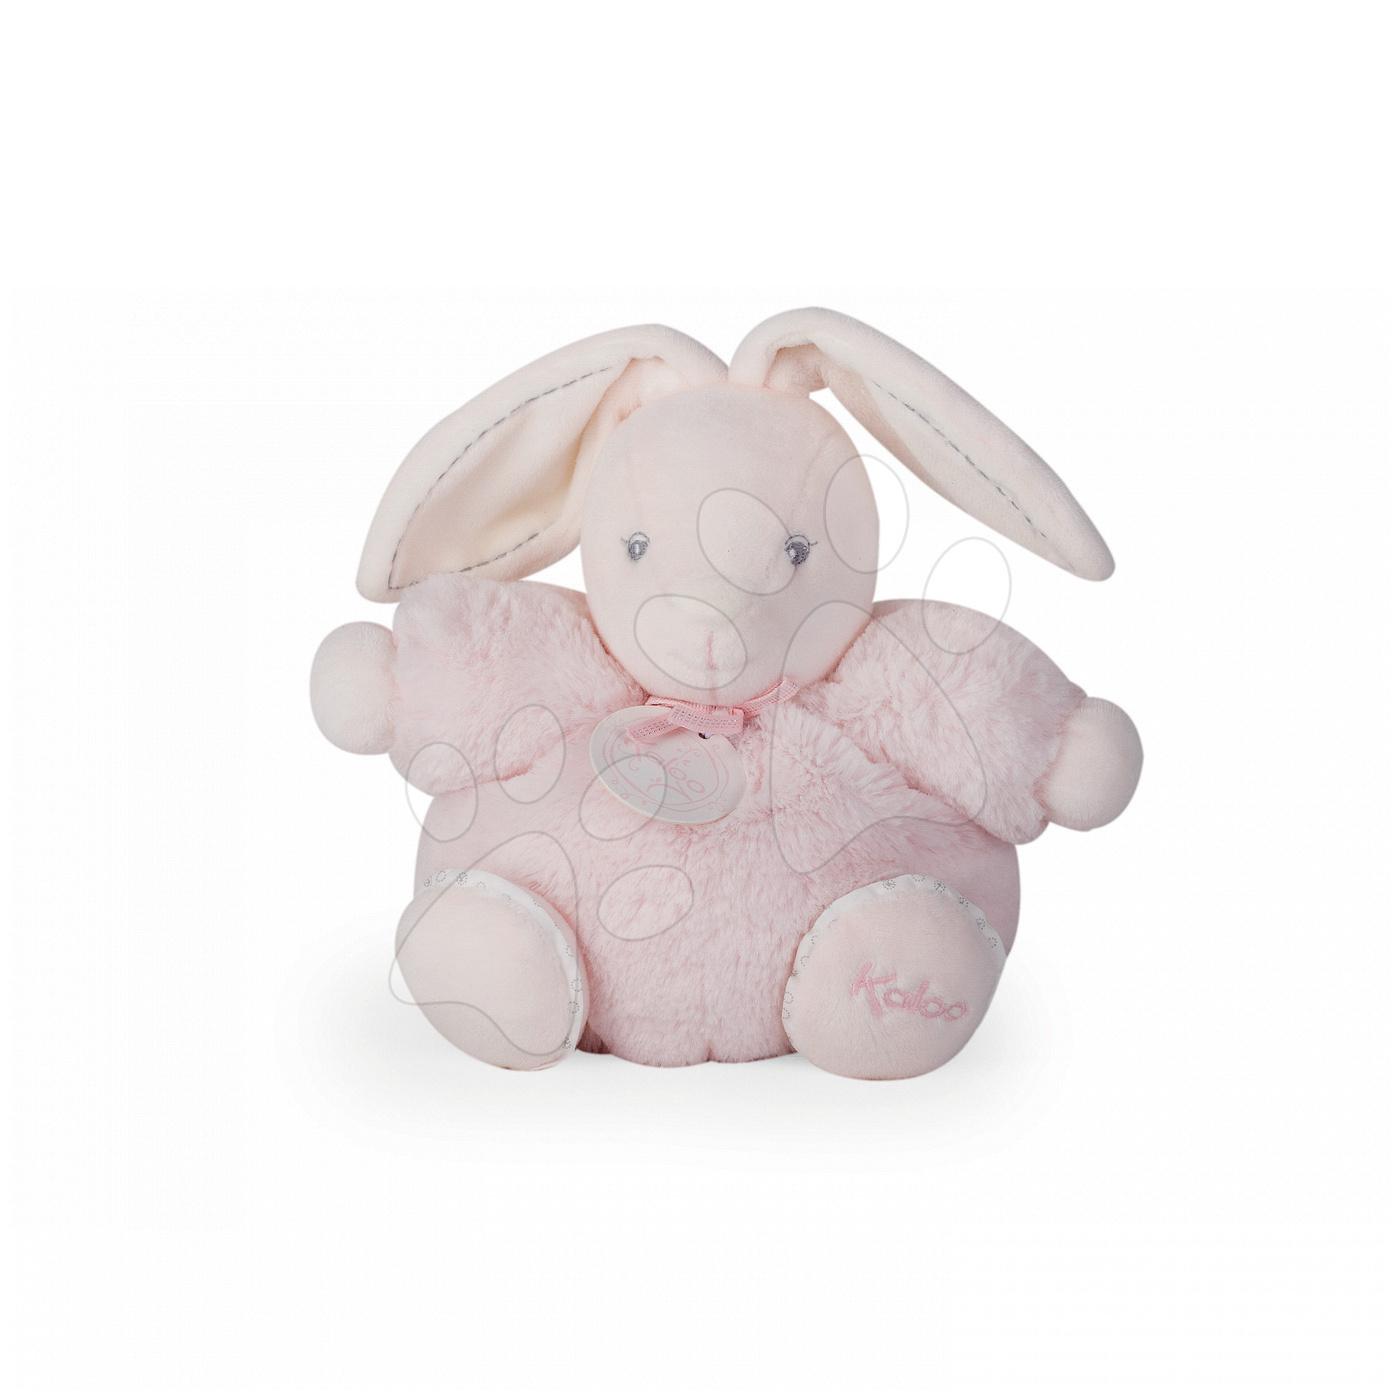 Hračky pre bábätká - Plyšový zajačik Perle-Chubby Rabbit Kaloo 18 cm v darčekovom balení pre najmenších ružový